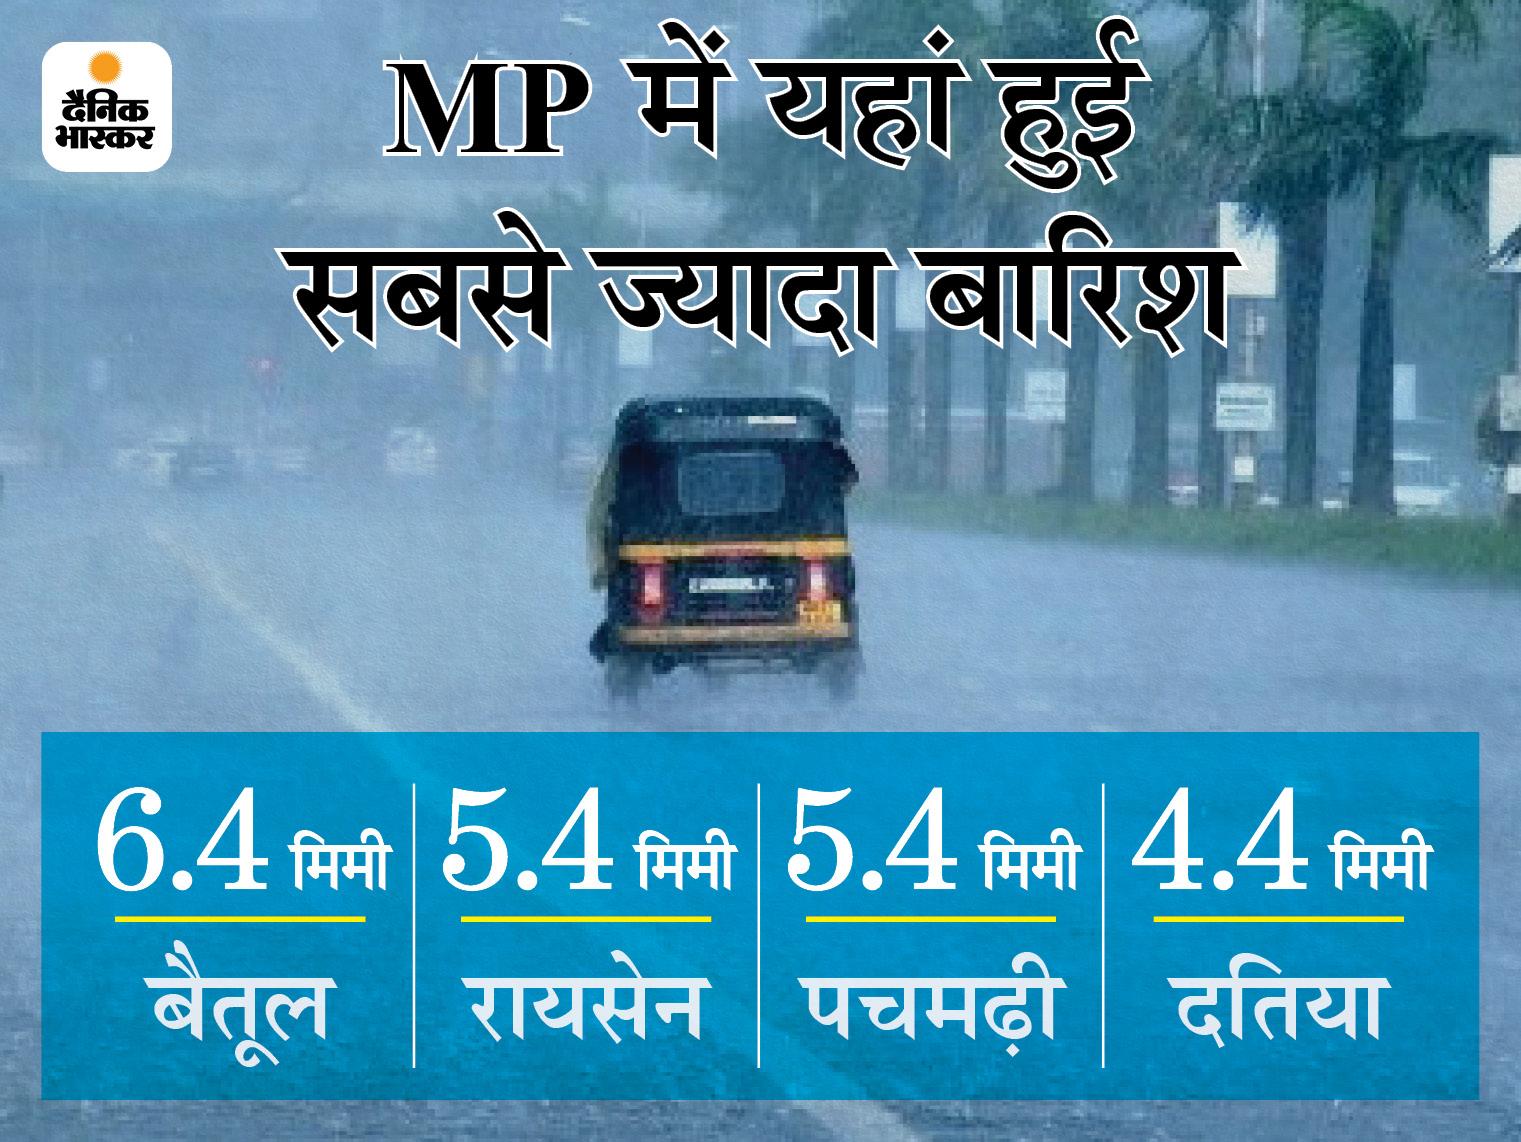 रात का पारा सामान्य से नीचे आया; भोपाल में न्यूनतम तापमान 5 डिग्री लुढ़का, जबलपुर और बैतूल में बारिश का अलर्ट मध्य प्रदेश,Madhya Pradesh - Dainik Bhaskar